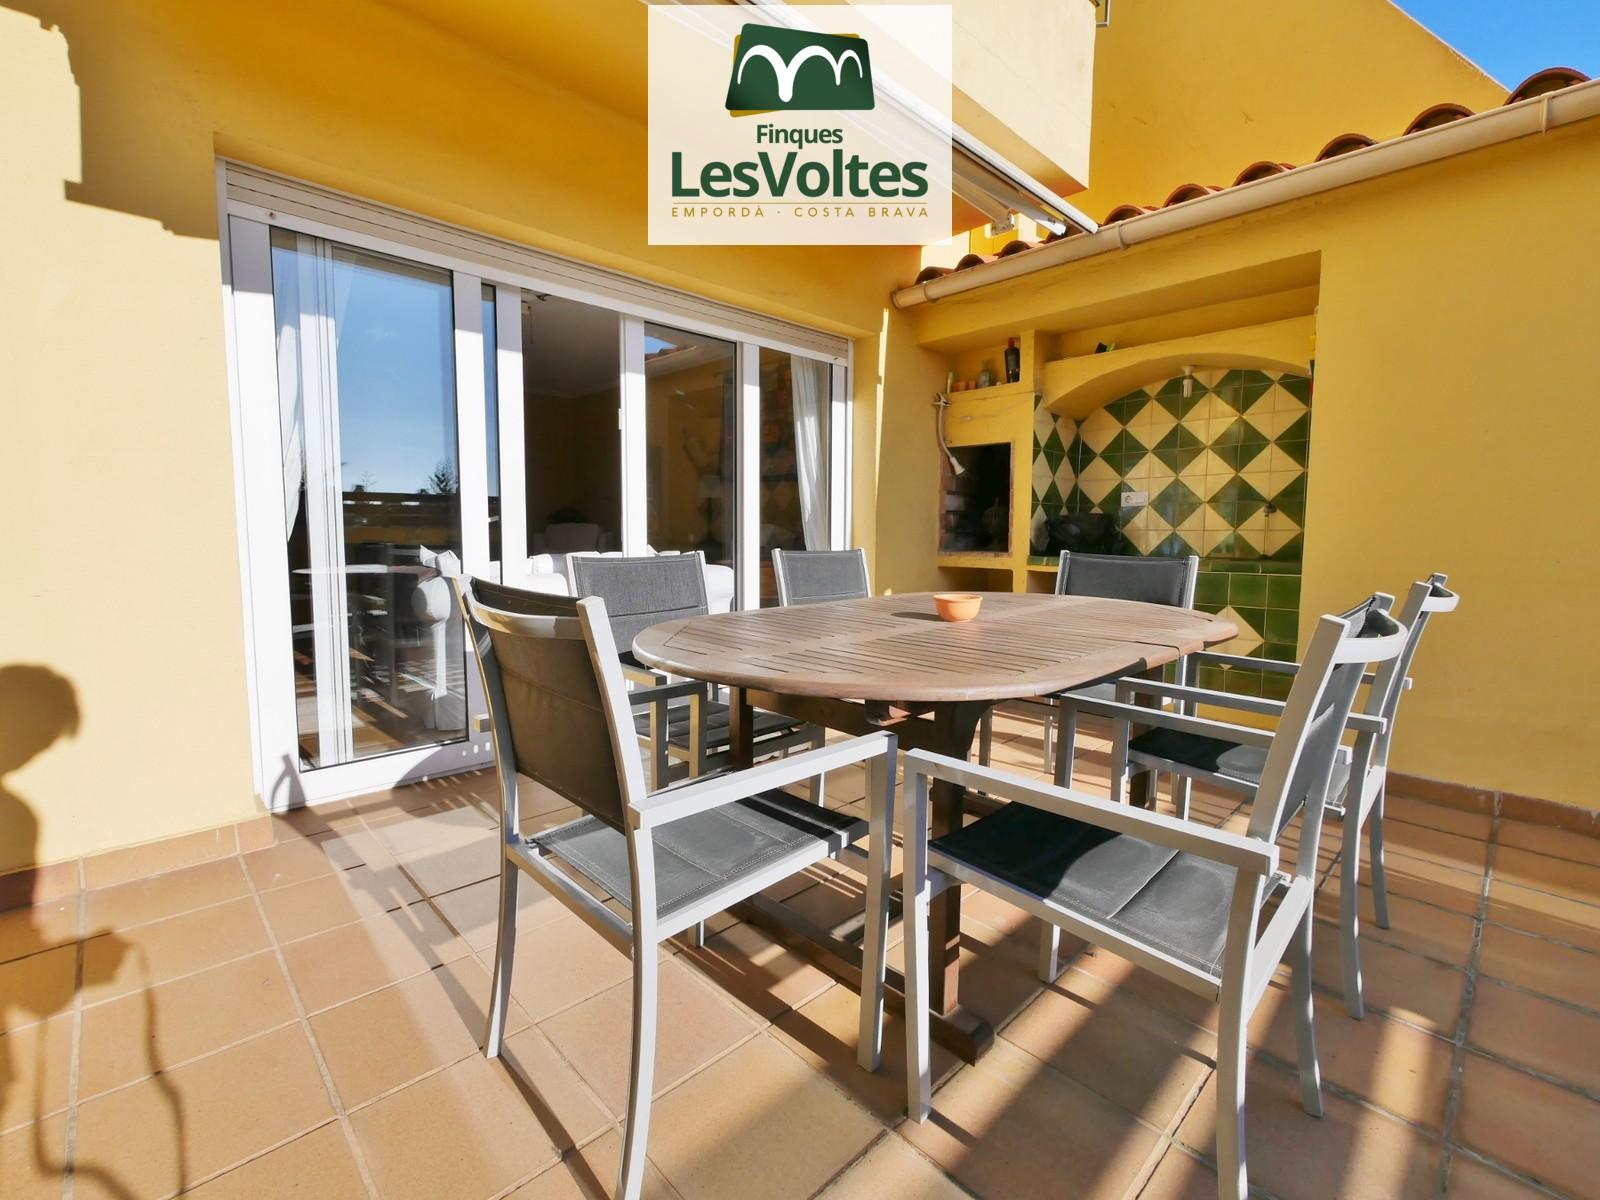 Casa amb terrassa i plaça d'aparcament en venda a Palafrugell.